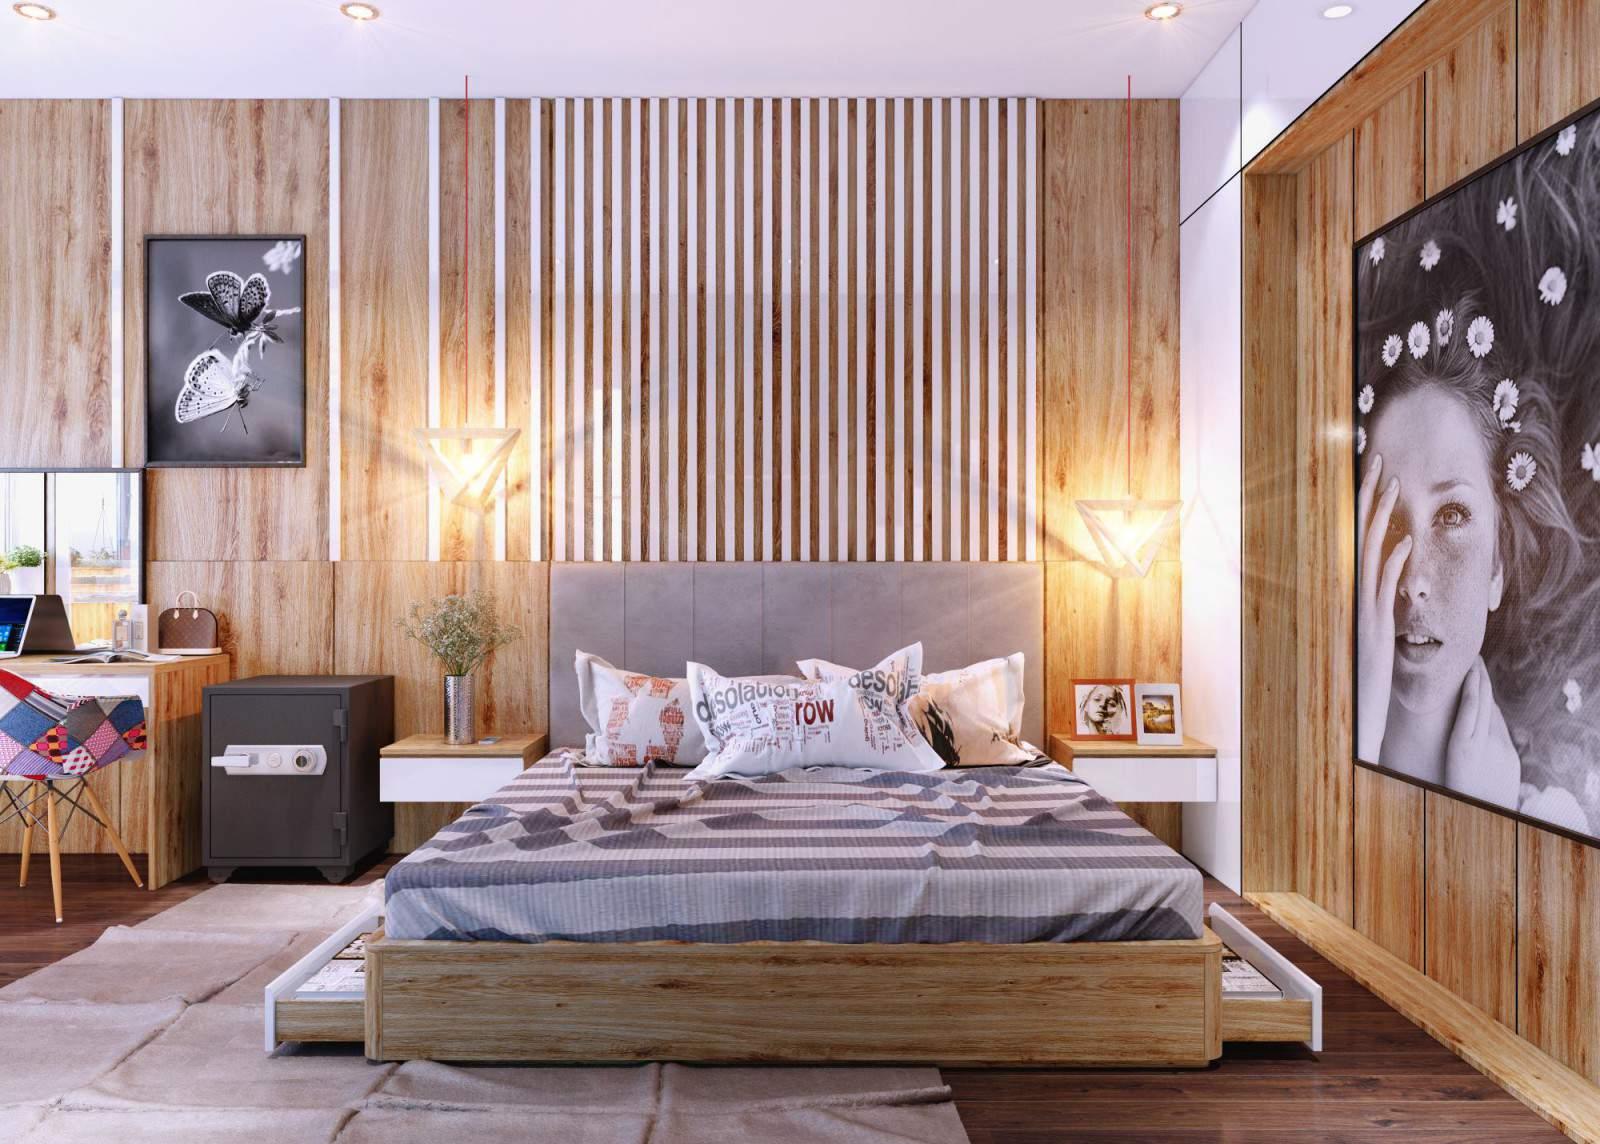 Thiết kế phòng ngủ nhỏ với nội thất thông minh